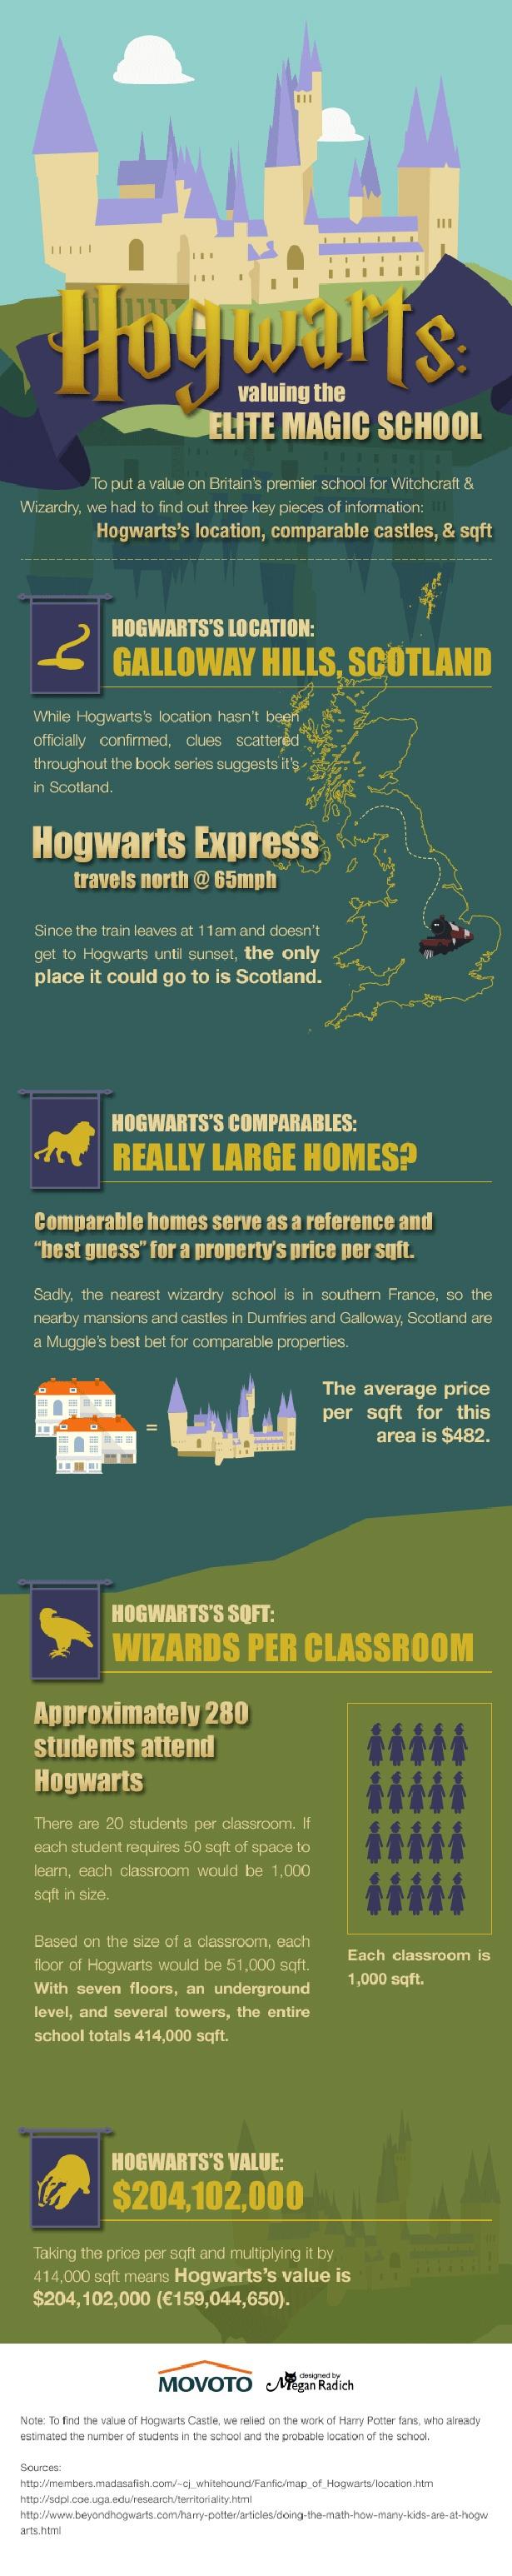 ¿Cuánto cuesta el castillo de Hogwarts? ~ Hogwarts value